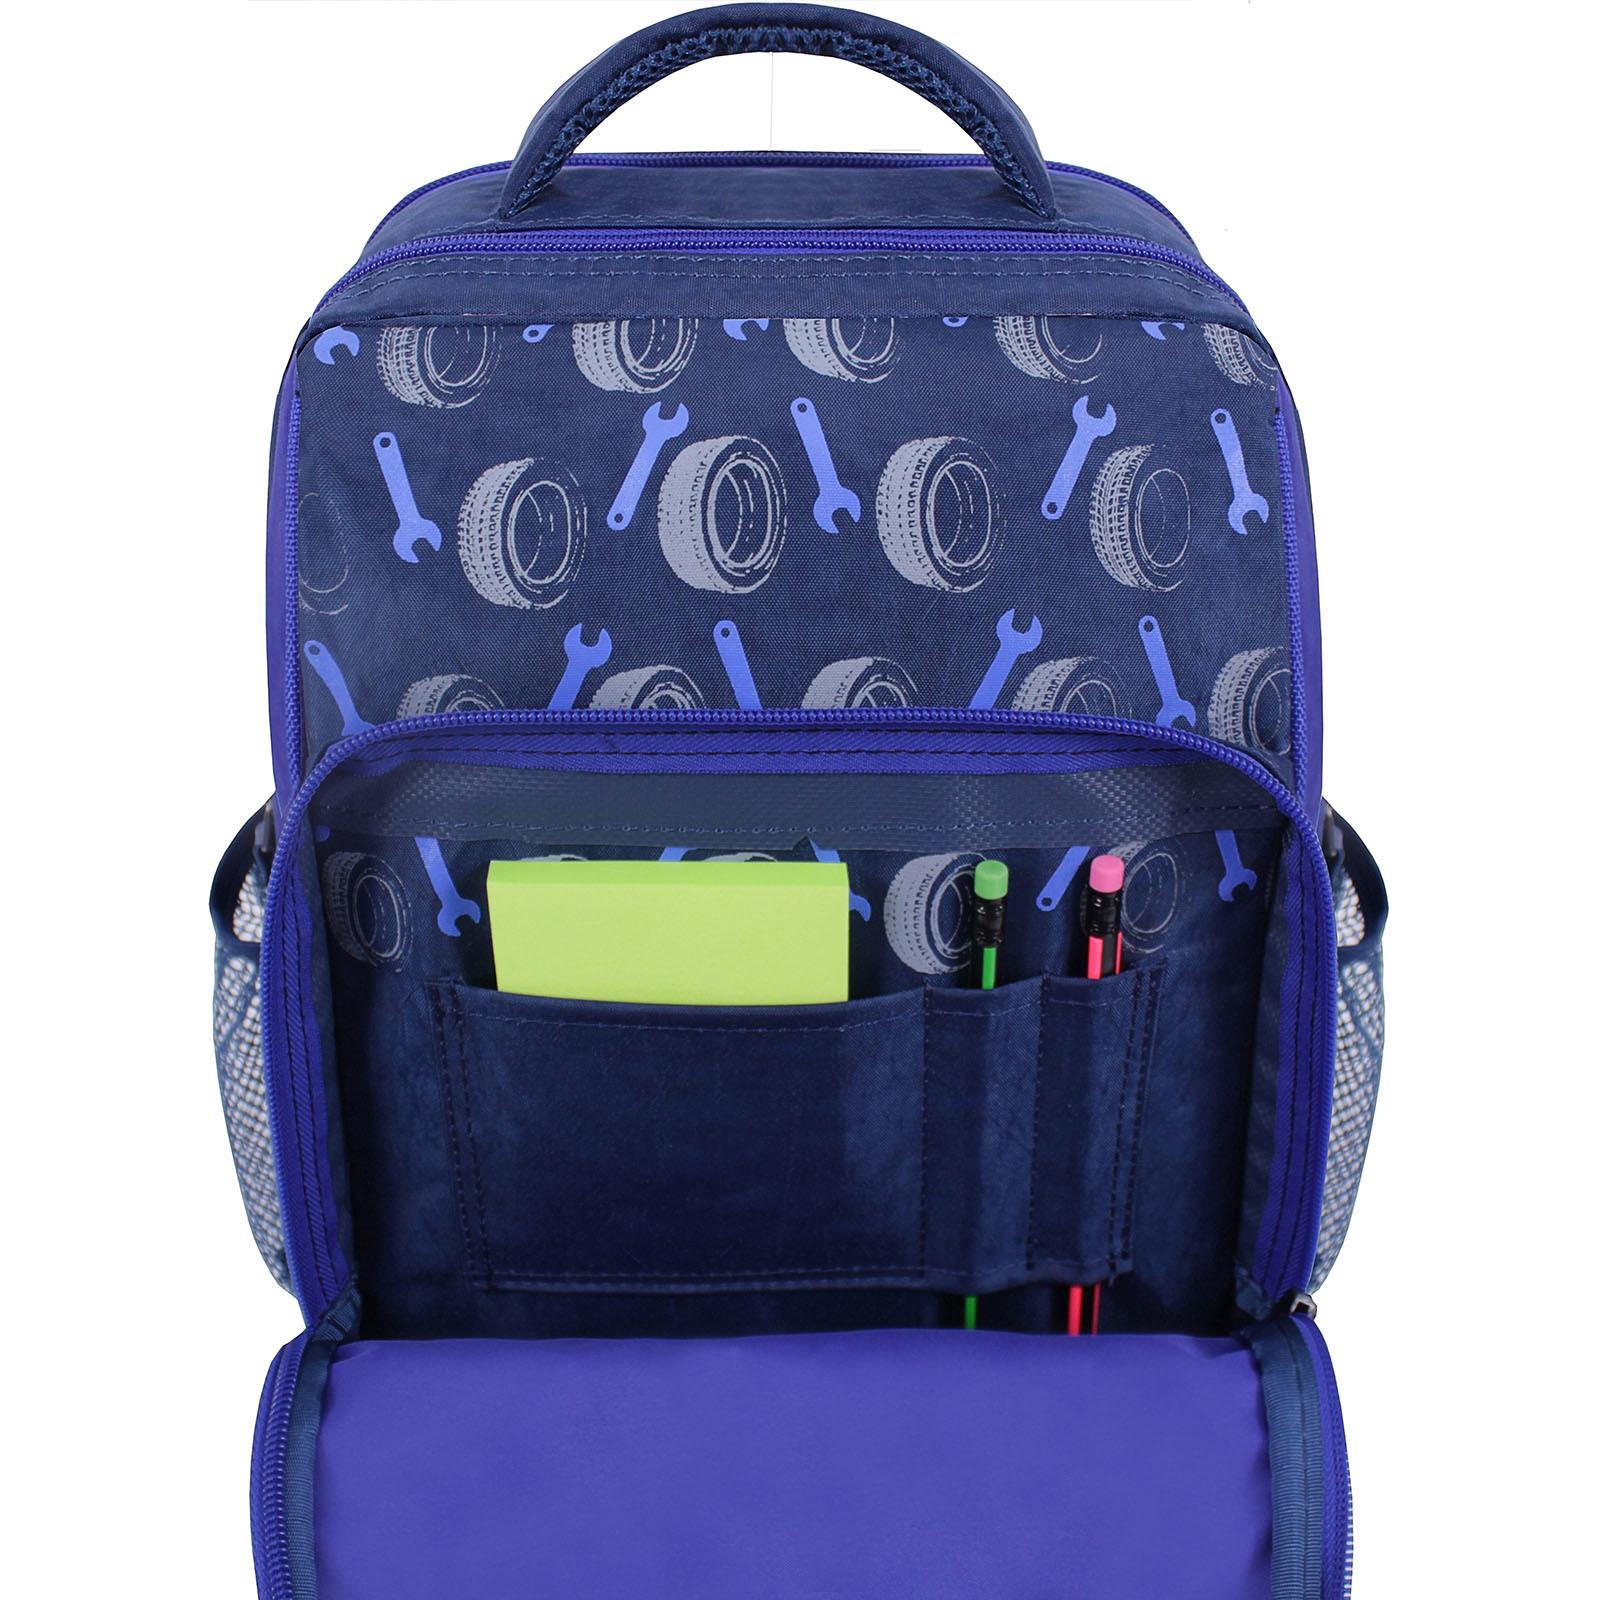 Рюкзак школьный Bagland Школьник 8 л. 225 синий 555 (00112702) фото 4